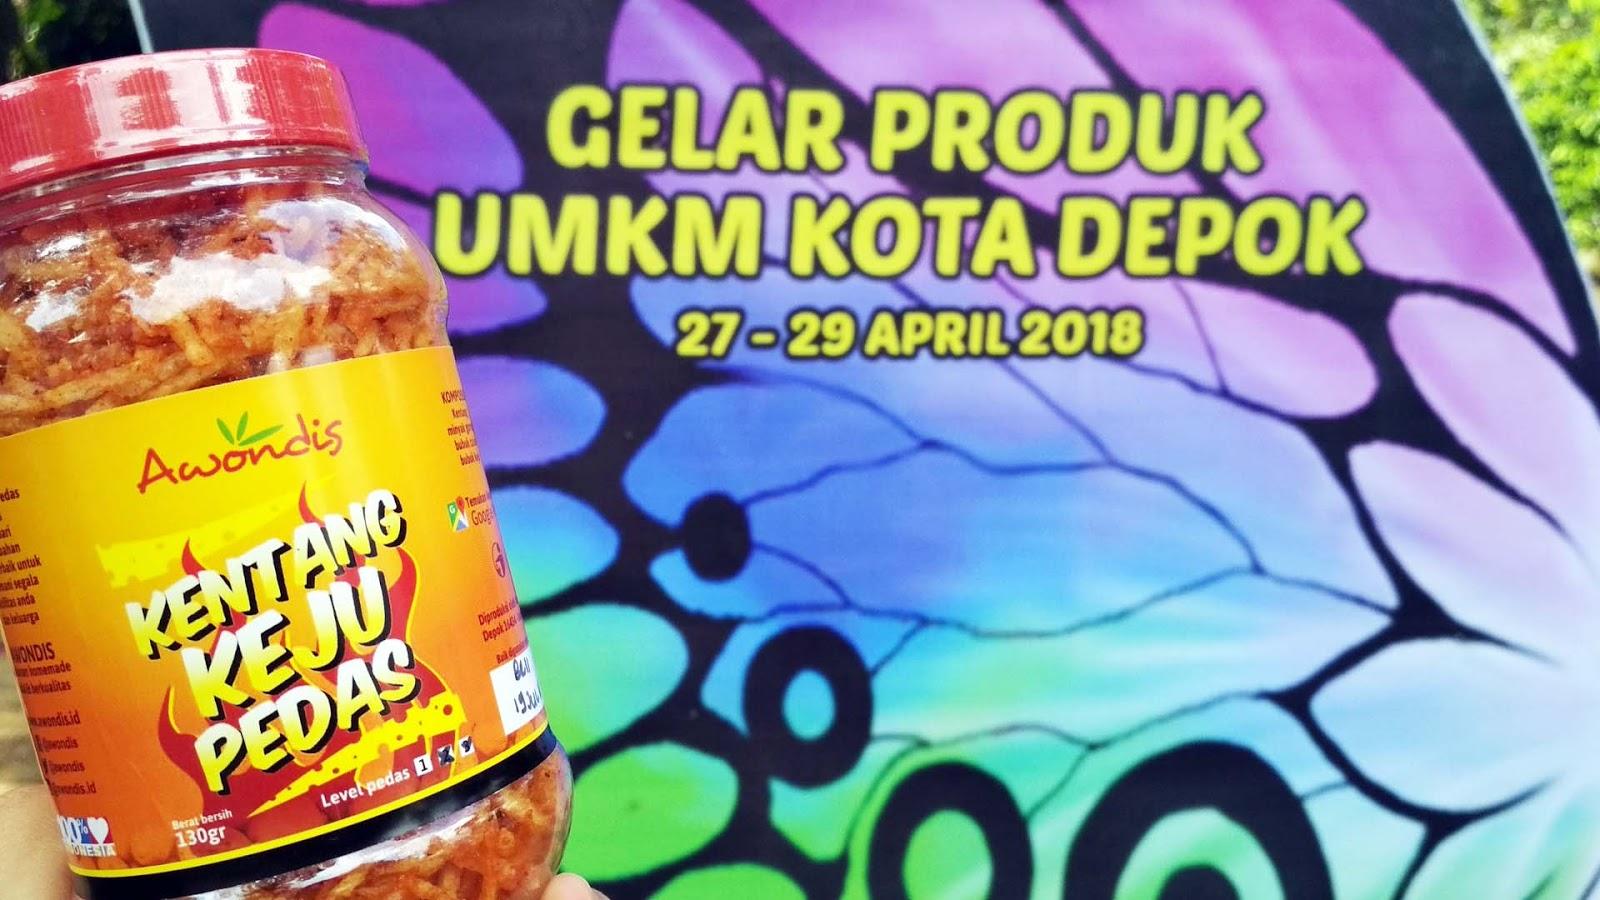 Camilan makanan enak kentang keju pedas Awondis produk makanan homemade UKM/UMKM/IKM dari kota Depok Jawa Barat